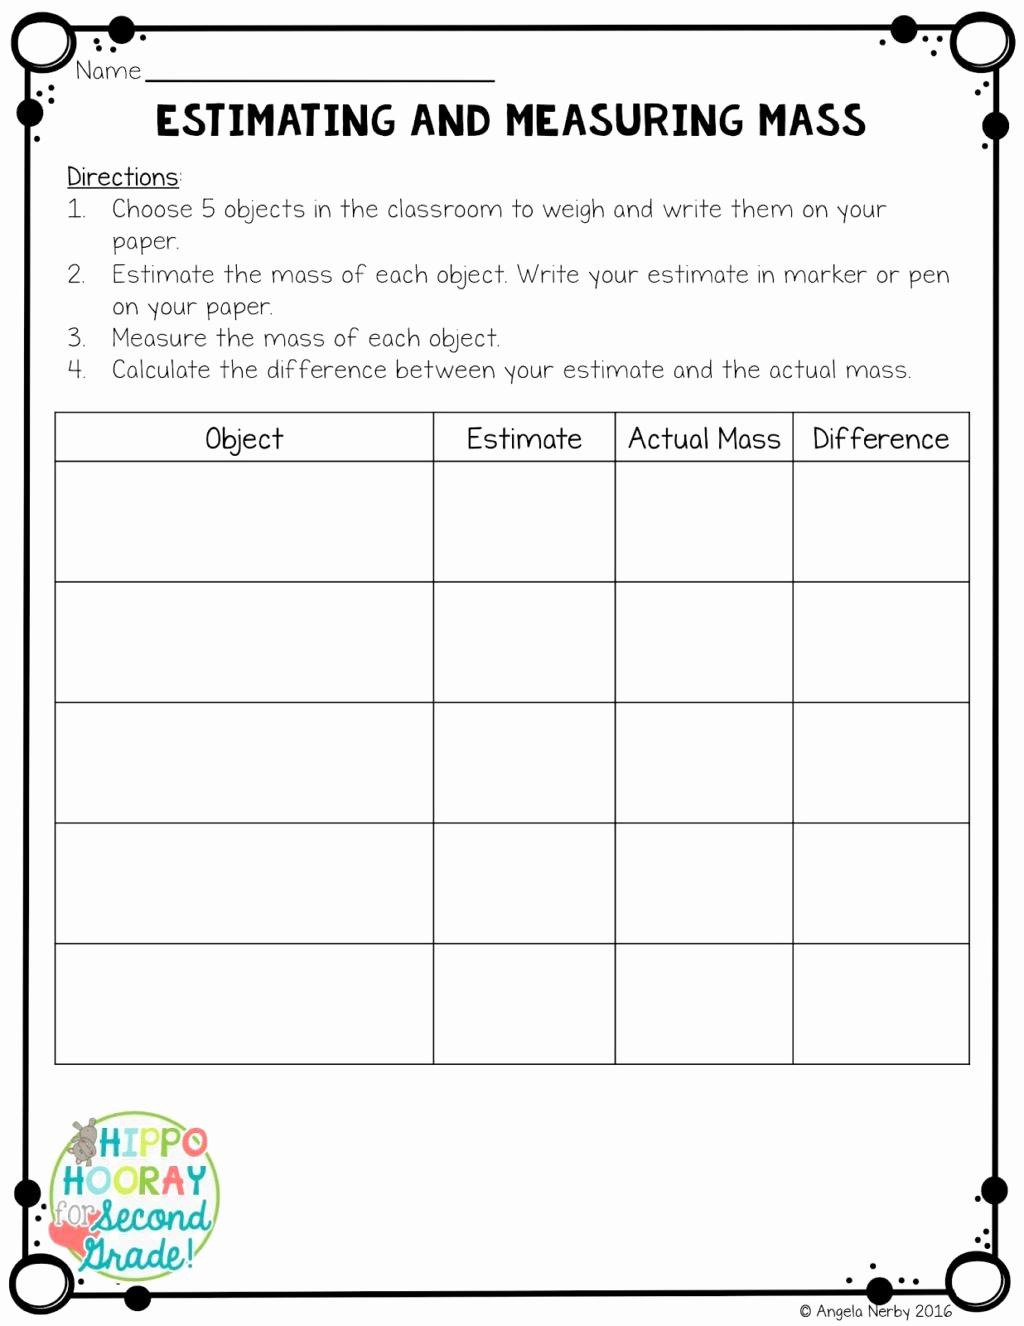 Measurement Worksheet Grade 3 Luxury 3rd Grade Measuring Worksheets